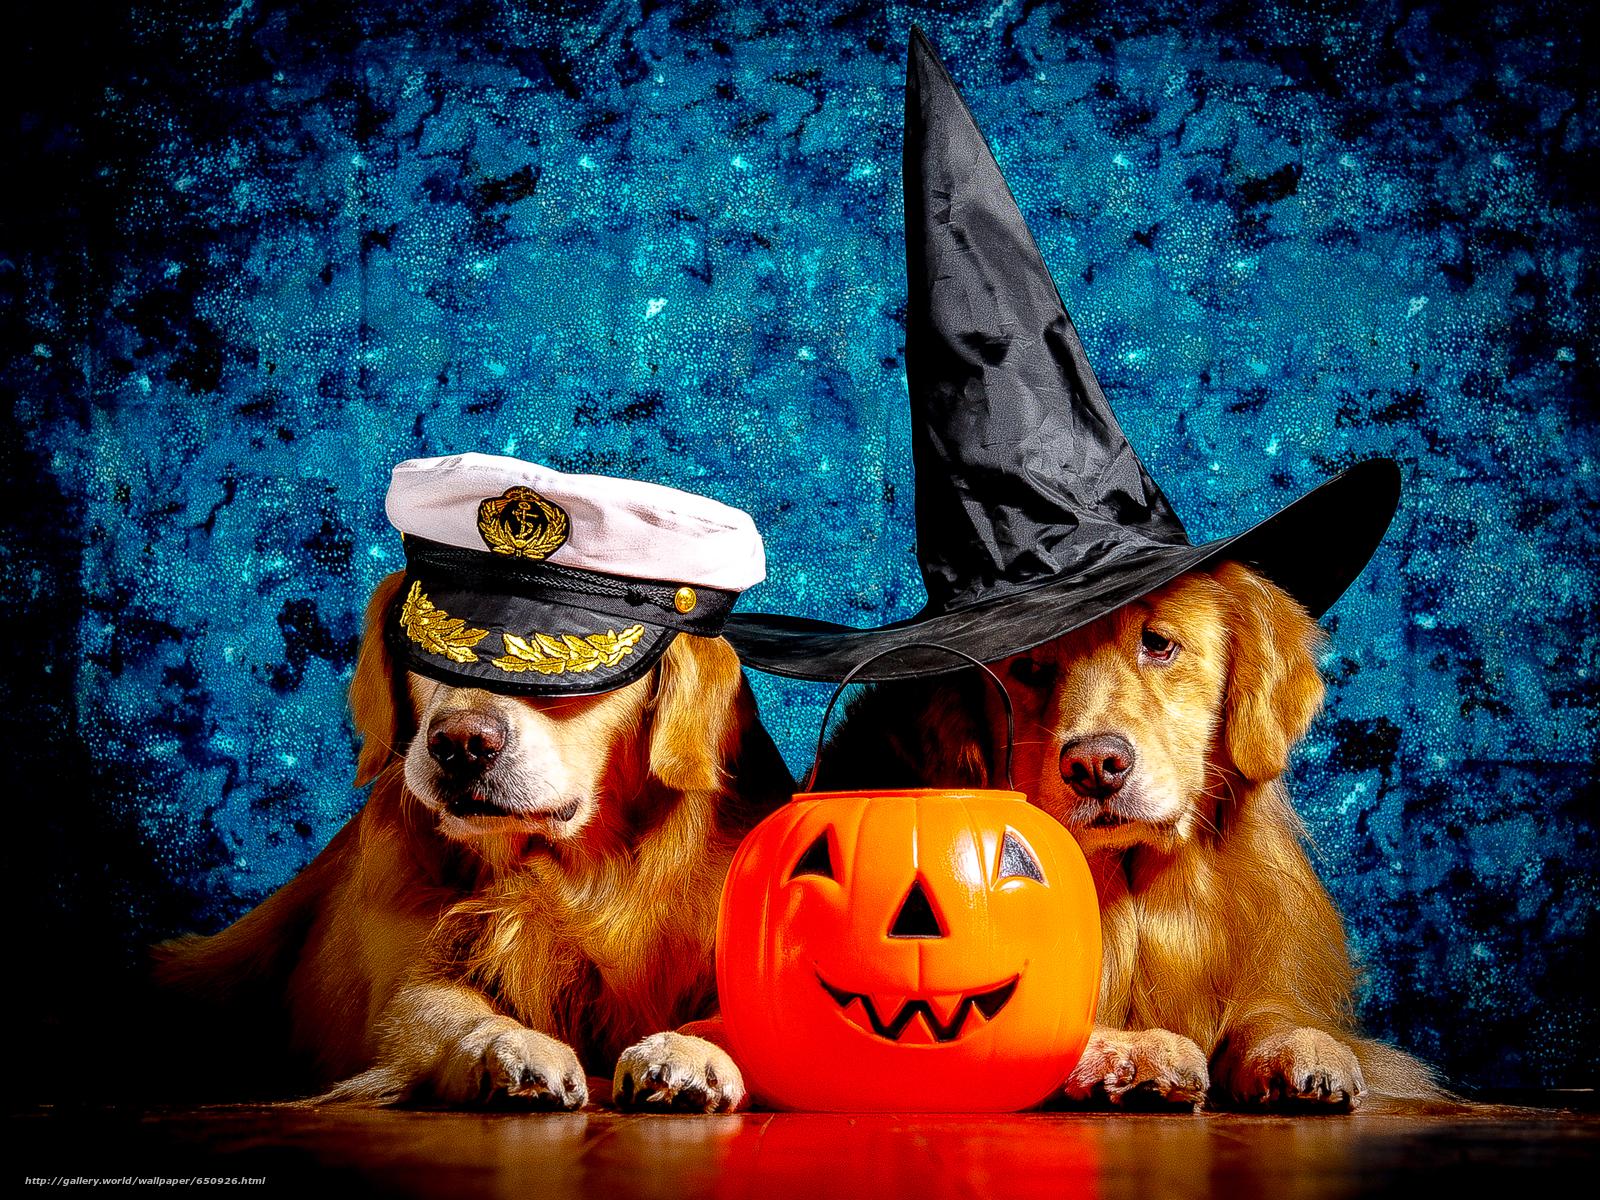 Скачать обои Лабрадор,  красивая собака,  собаки,  прикольная собака бесплатно для рабочего стола в разрешении 3745x2809 — картинка №650926